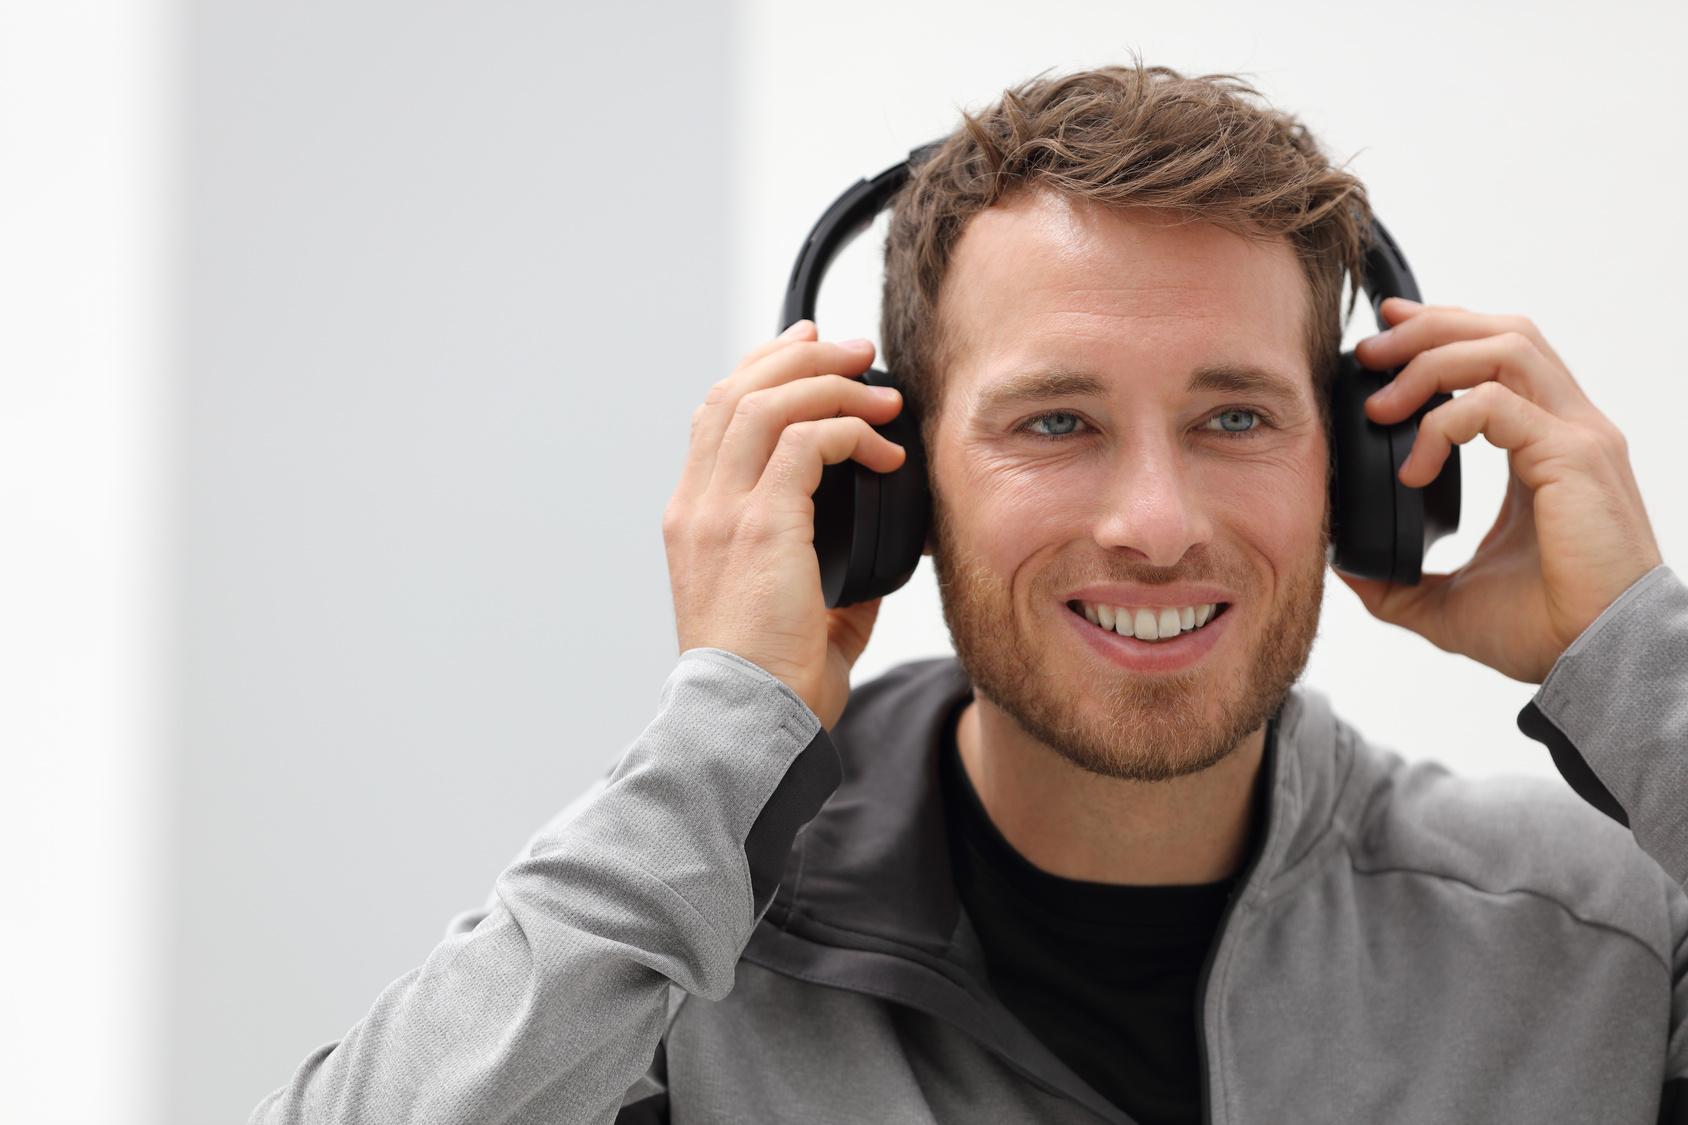 male worker wears headphones - HD1688×1125